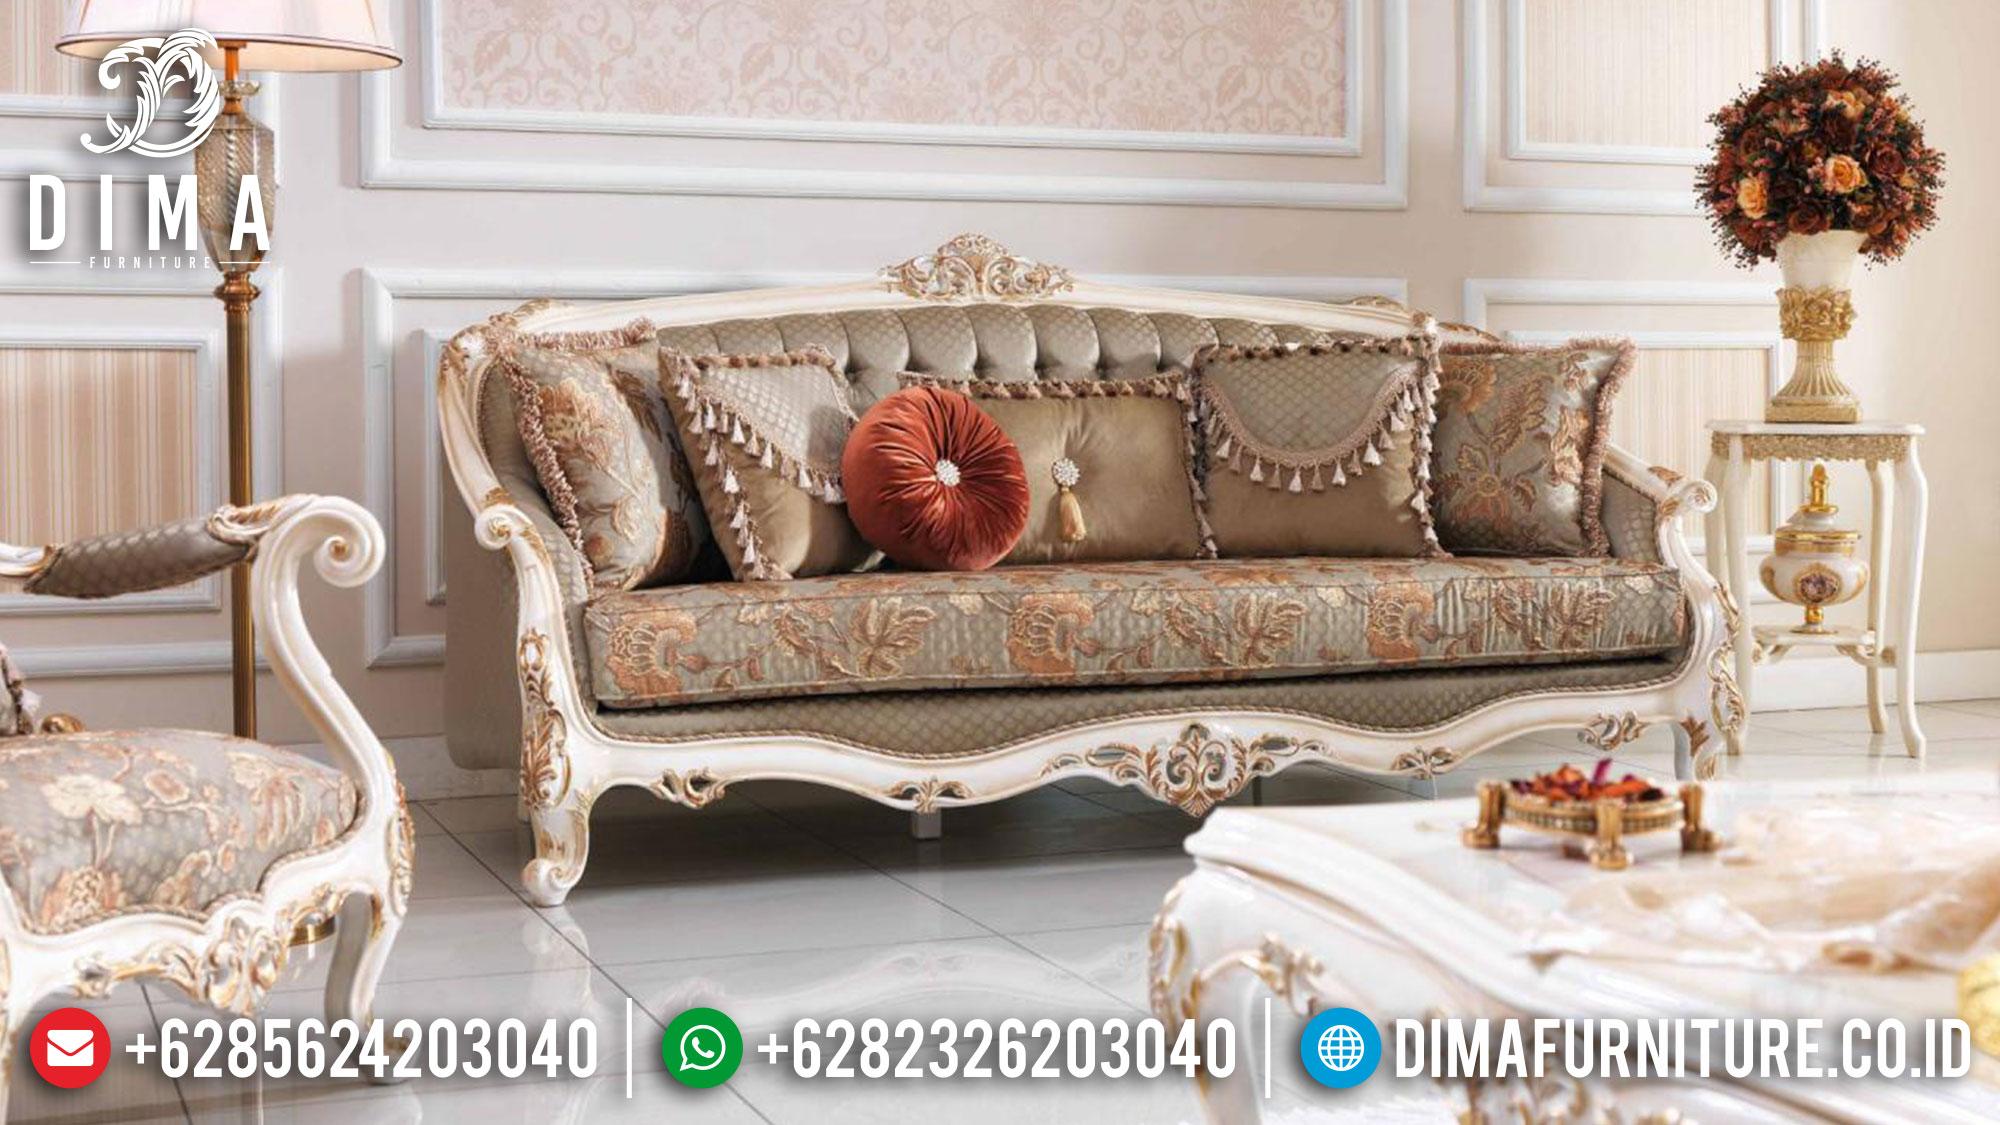 Big Sale Sofa 3 Dudukan Mewah Classic Luxury Mebel Jepara Termewah Mm-0985